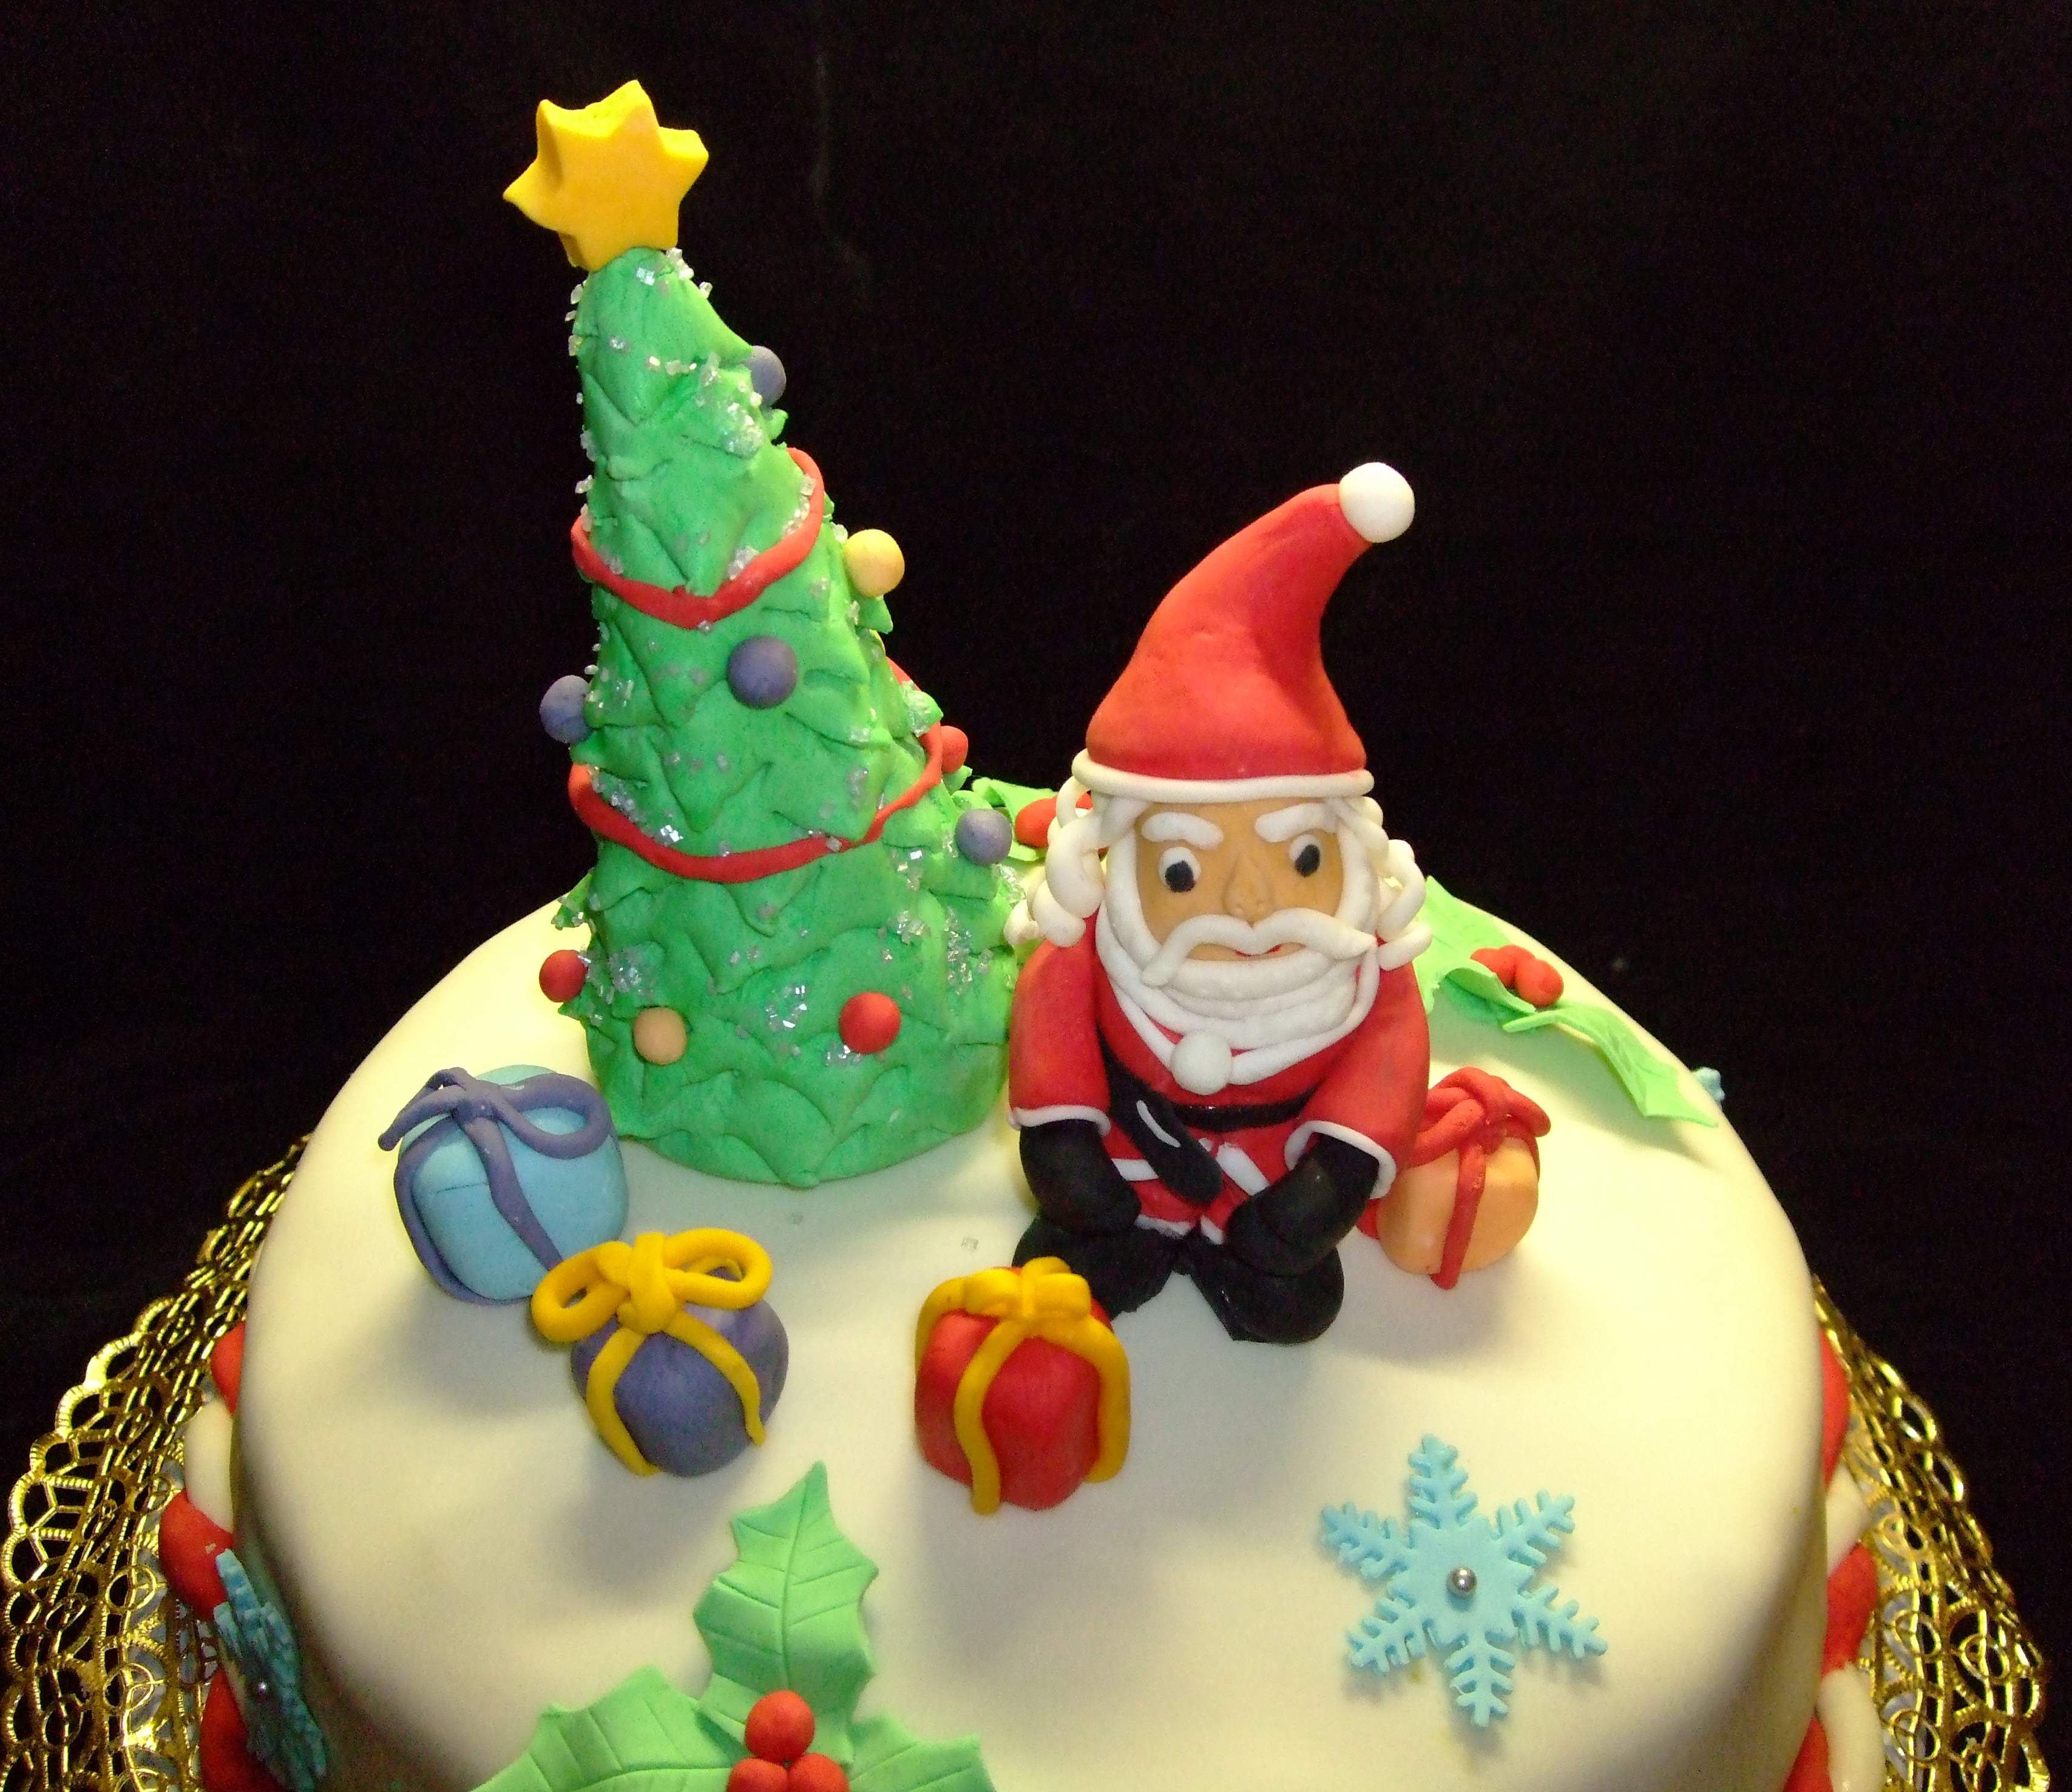 Torta natalizia decorata la mia prima torta decorata per - Decorazioni torte natalizie ...